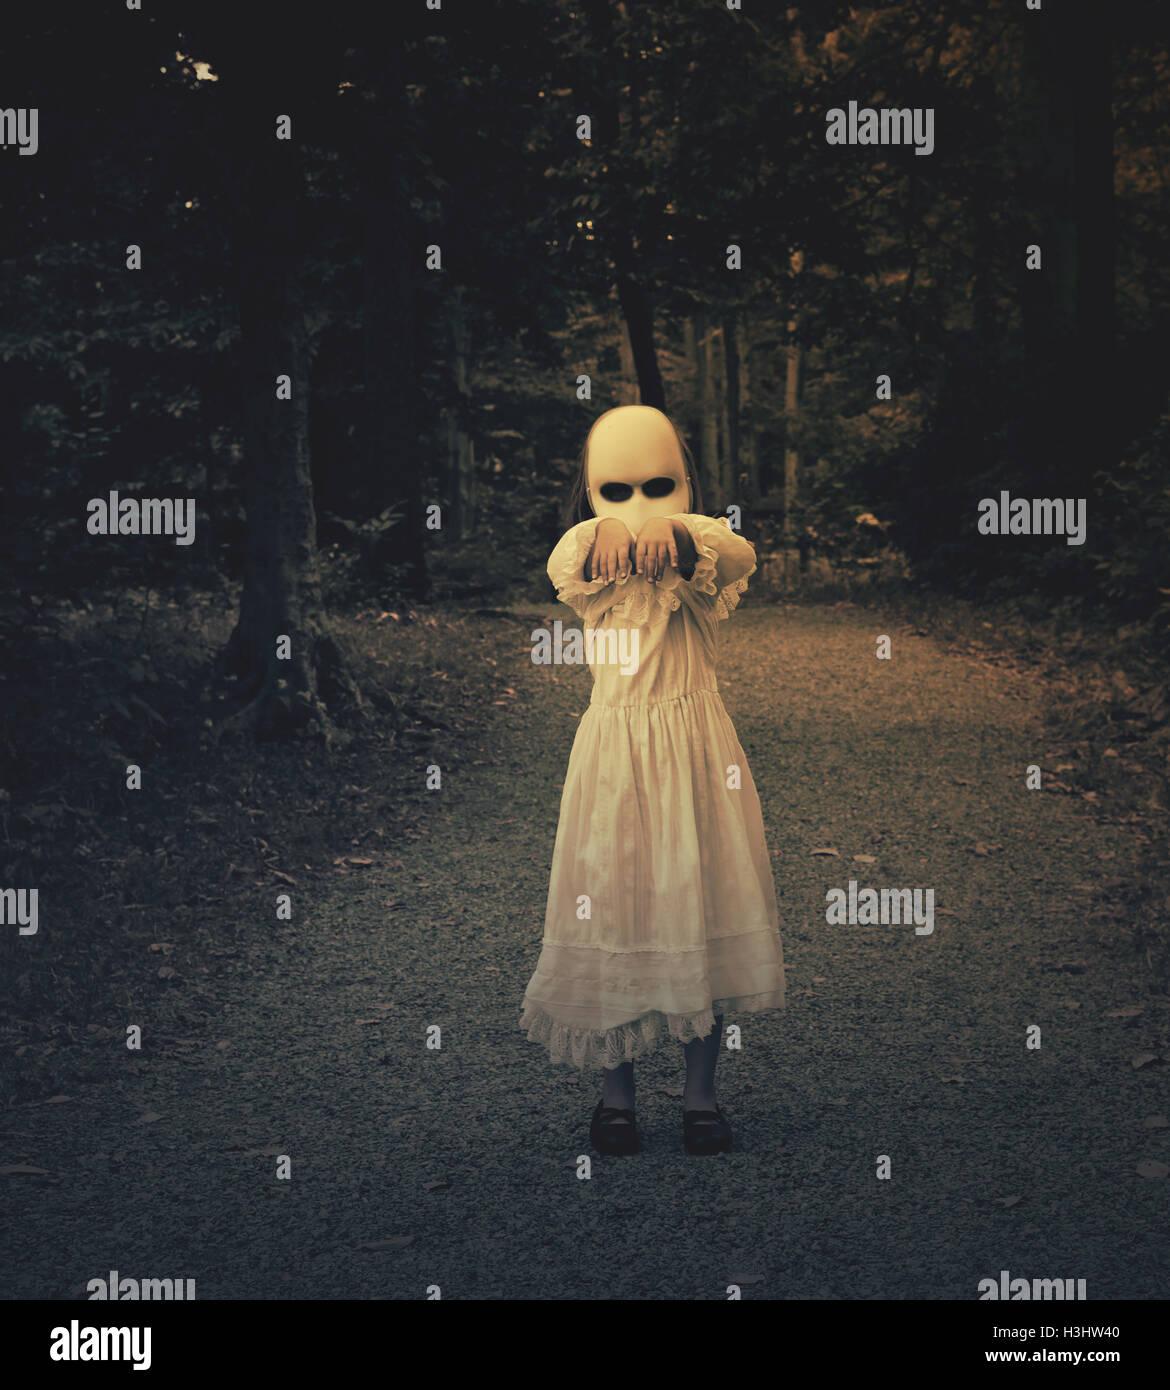 Un terrorífico fantasma mal vestida de un vestido blanco y la cara es caminar en las maderas oscuras con sus manos. Foto de stock